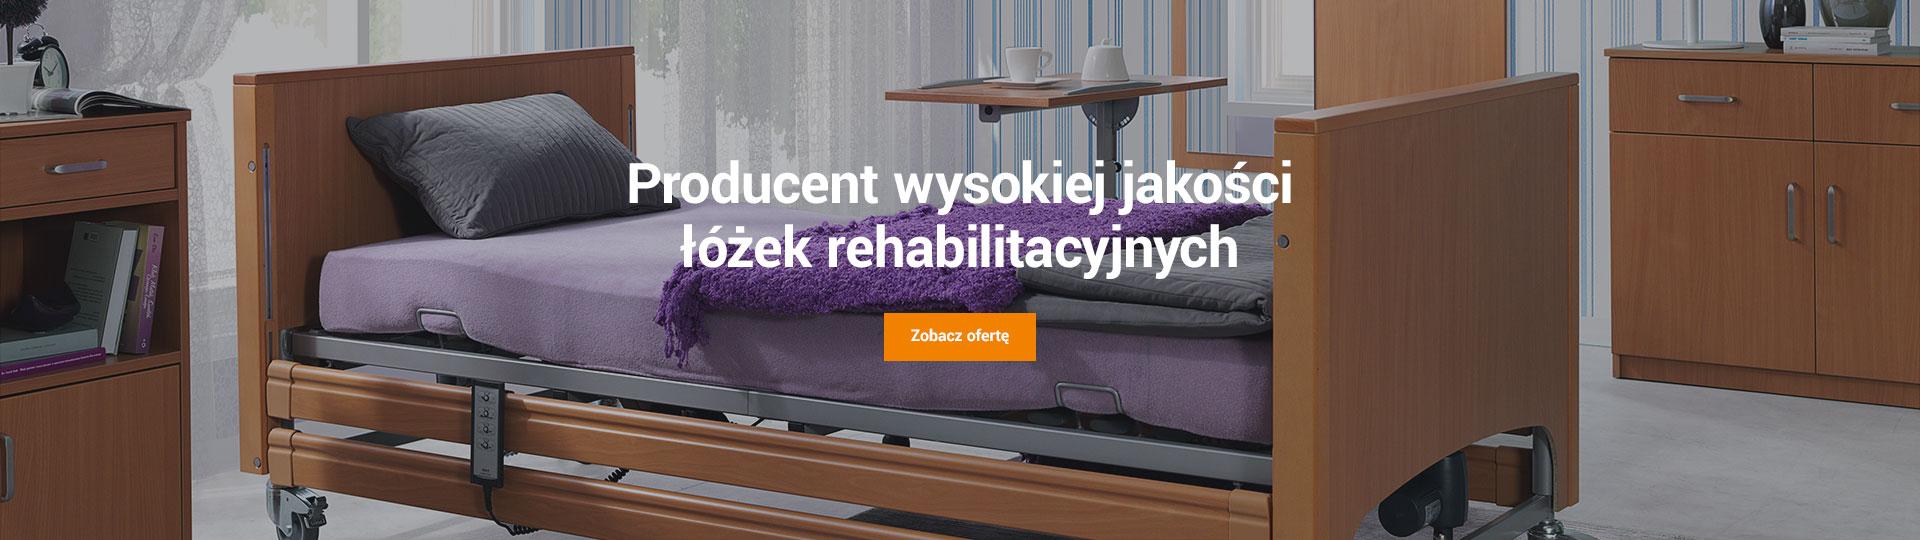 Producent łóżek Rehabilitacyjnych Elektrycznych Szafki